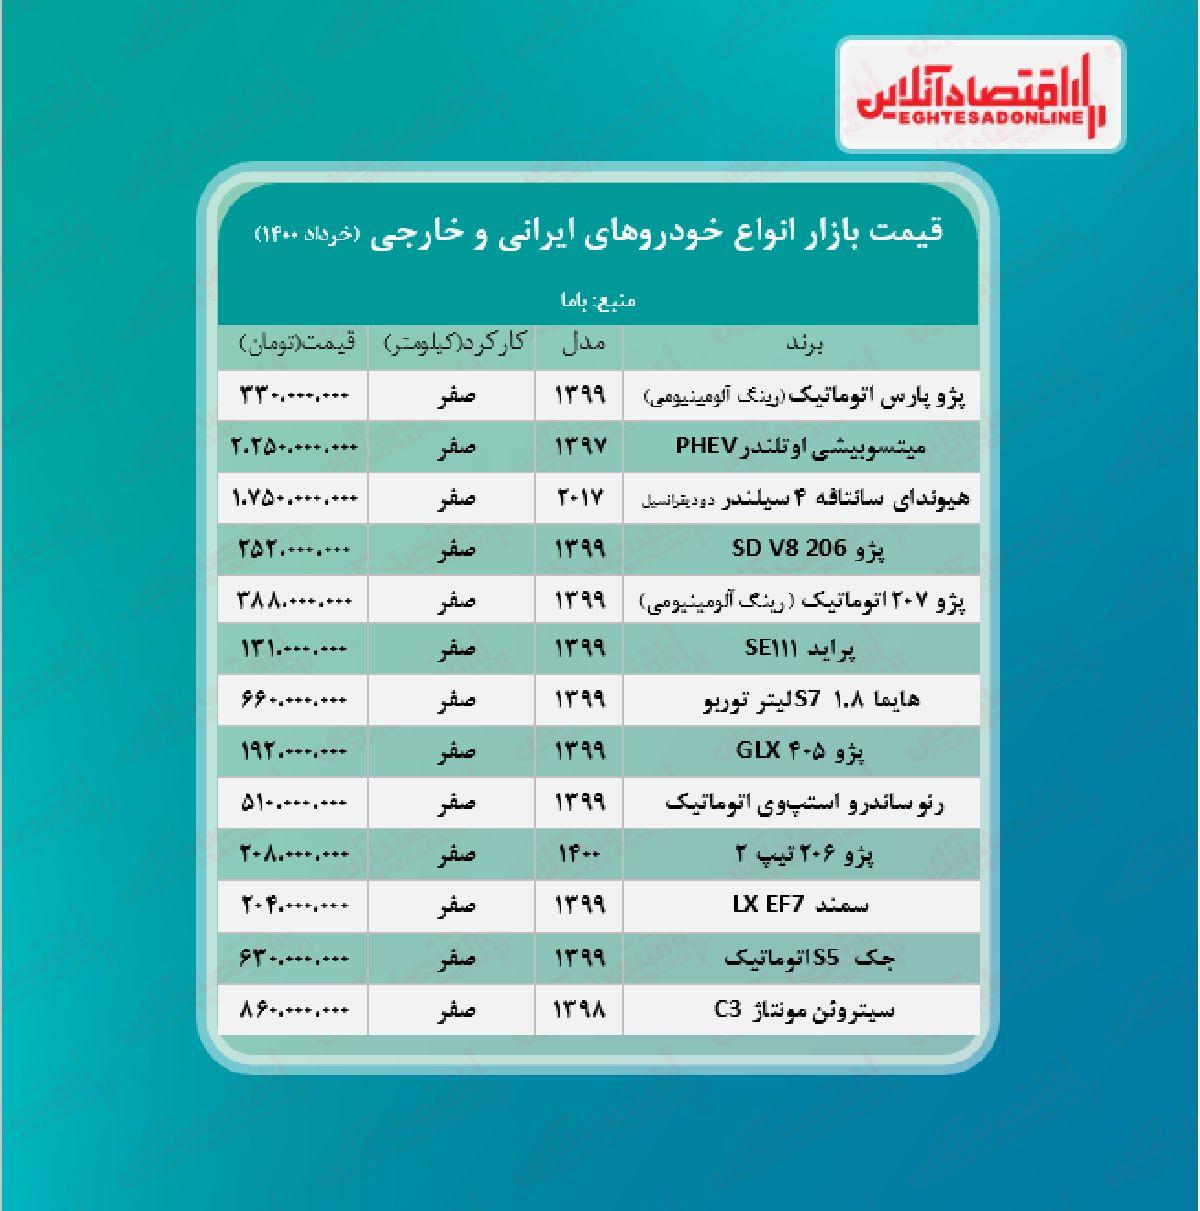 قیمت خودرو امروز ۱۴۰۰/۳/۱۳